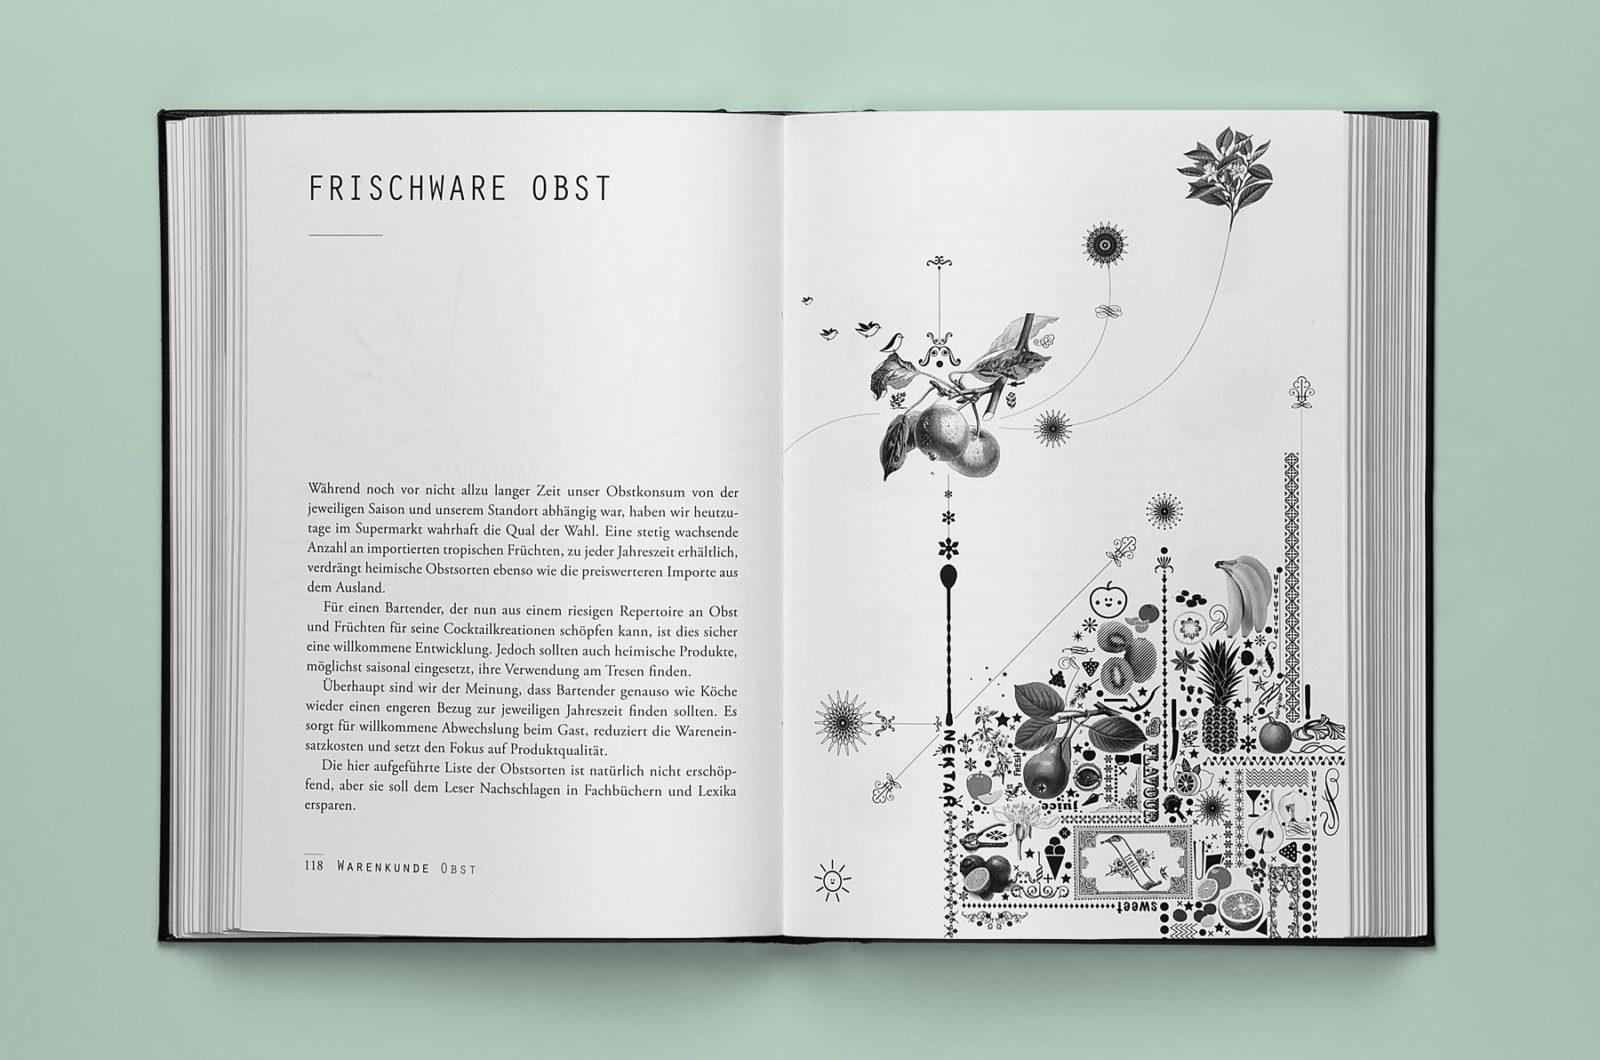 Editienne Grafikdesign - Kommunikationsdesign Berlin- Buchgestaltung Cocktailian 1 Das Handbuch der Bar 20